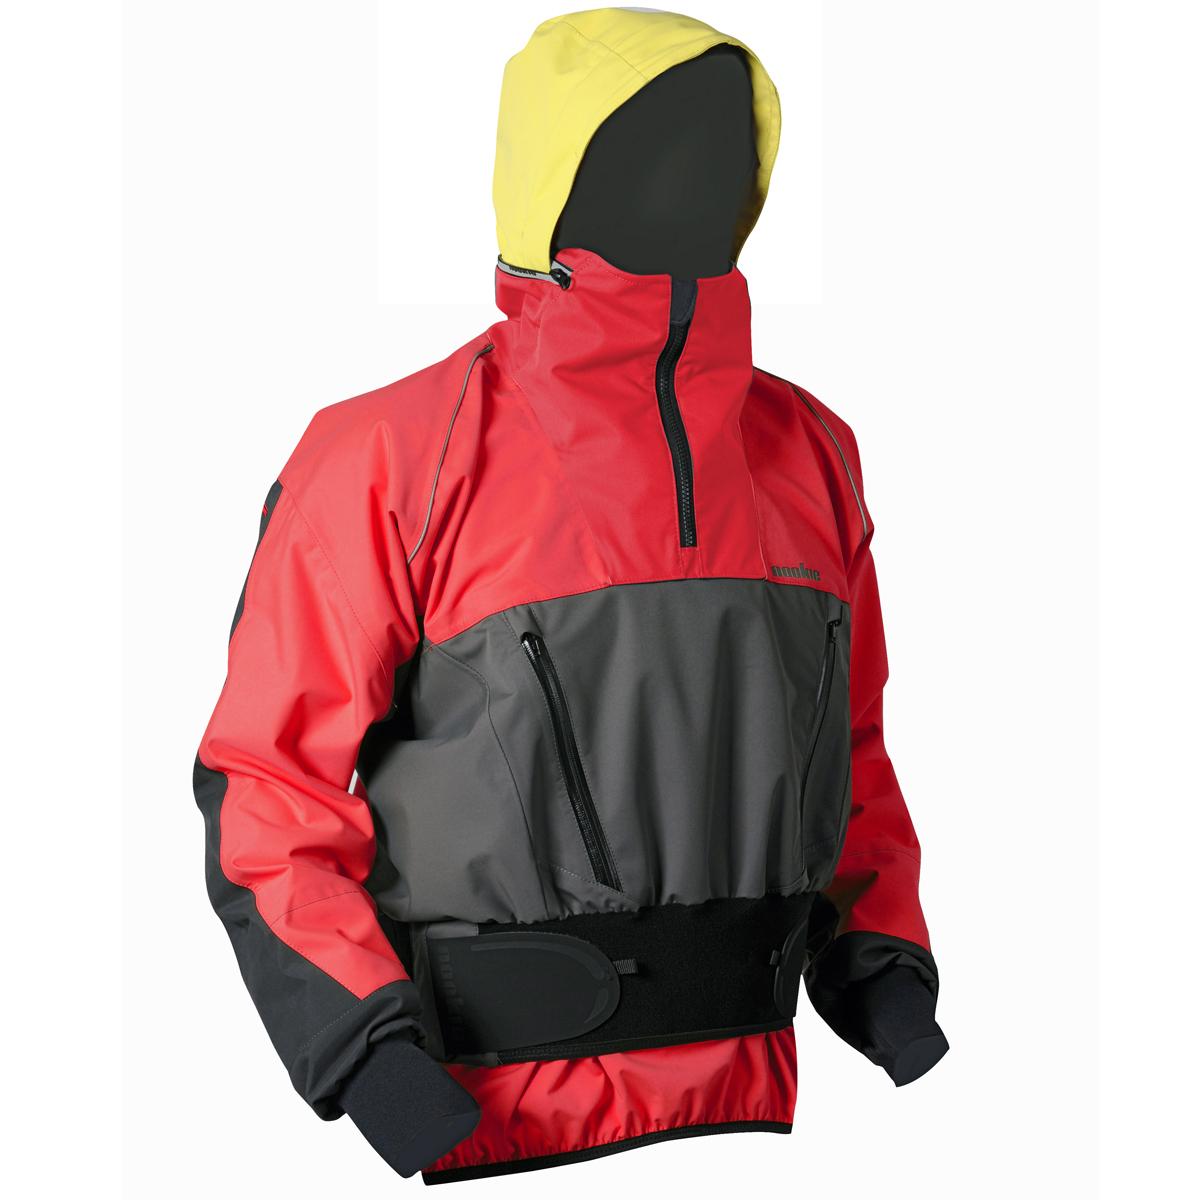 Nookie Storm Sea Kayaking Jacket in Red